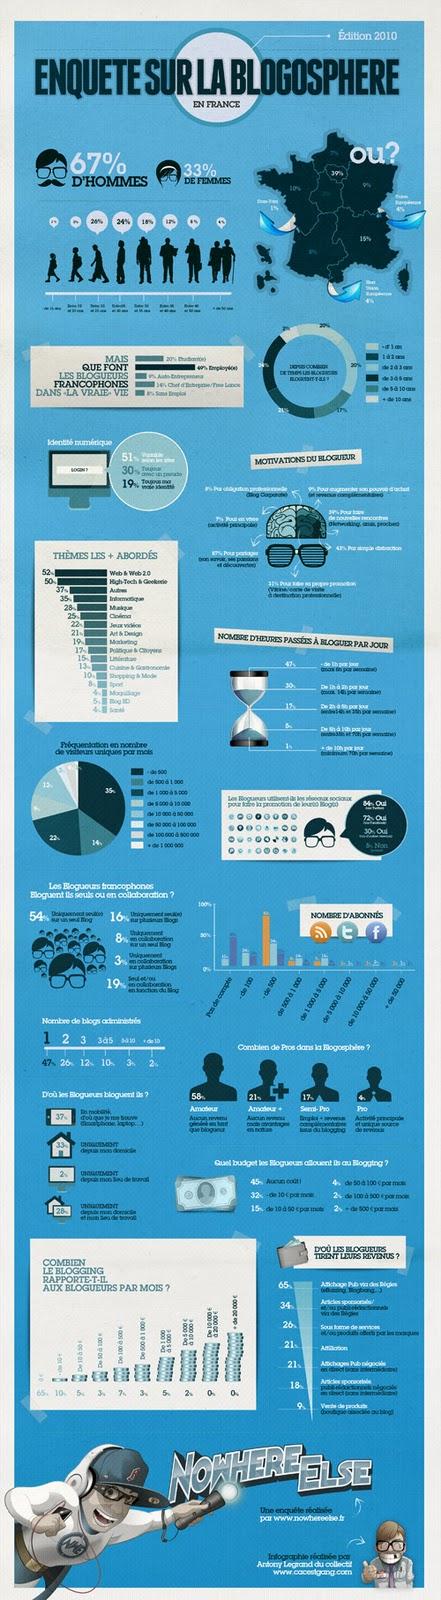 Qui sont les blogueurs Francophones